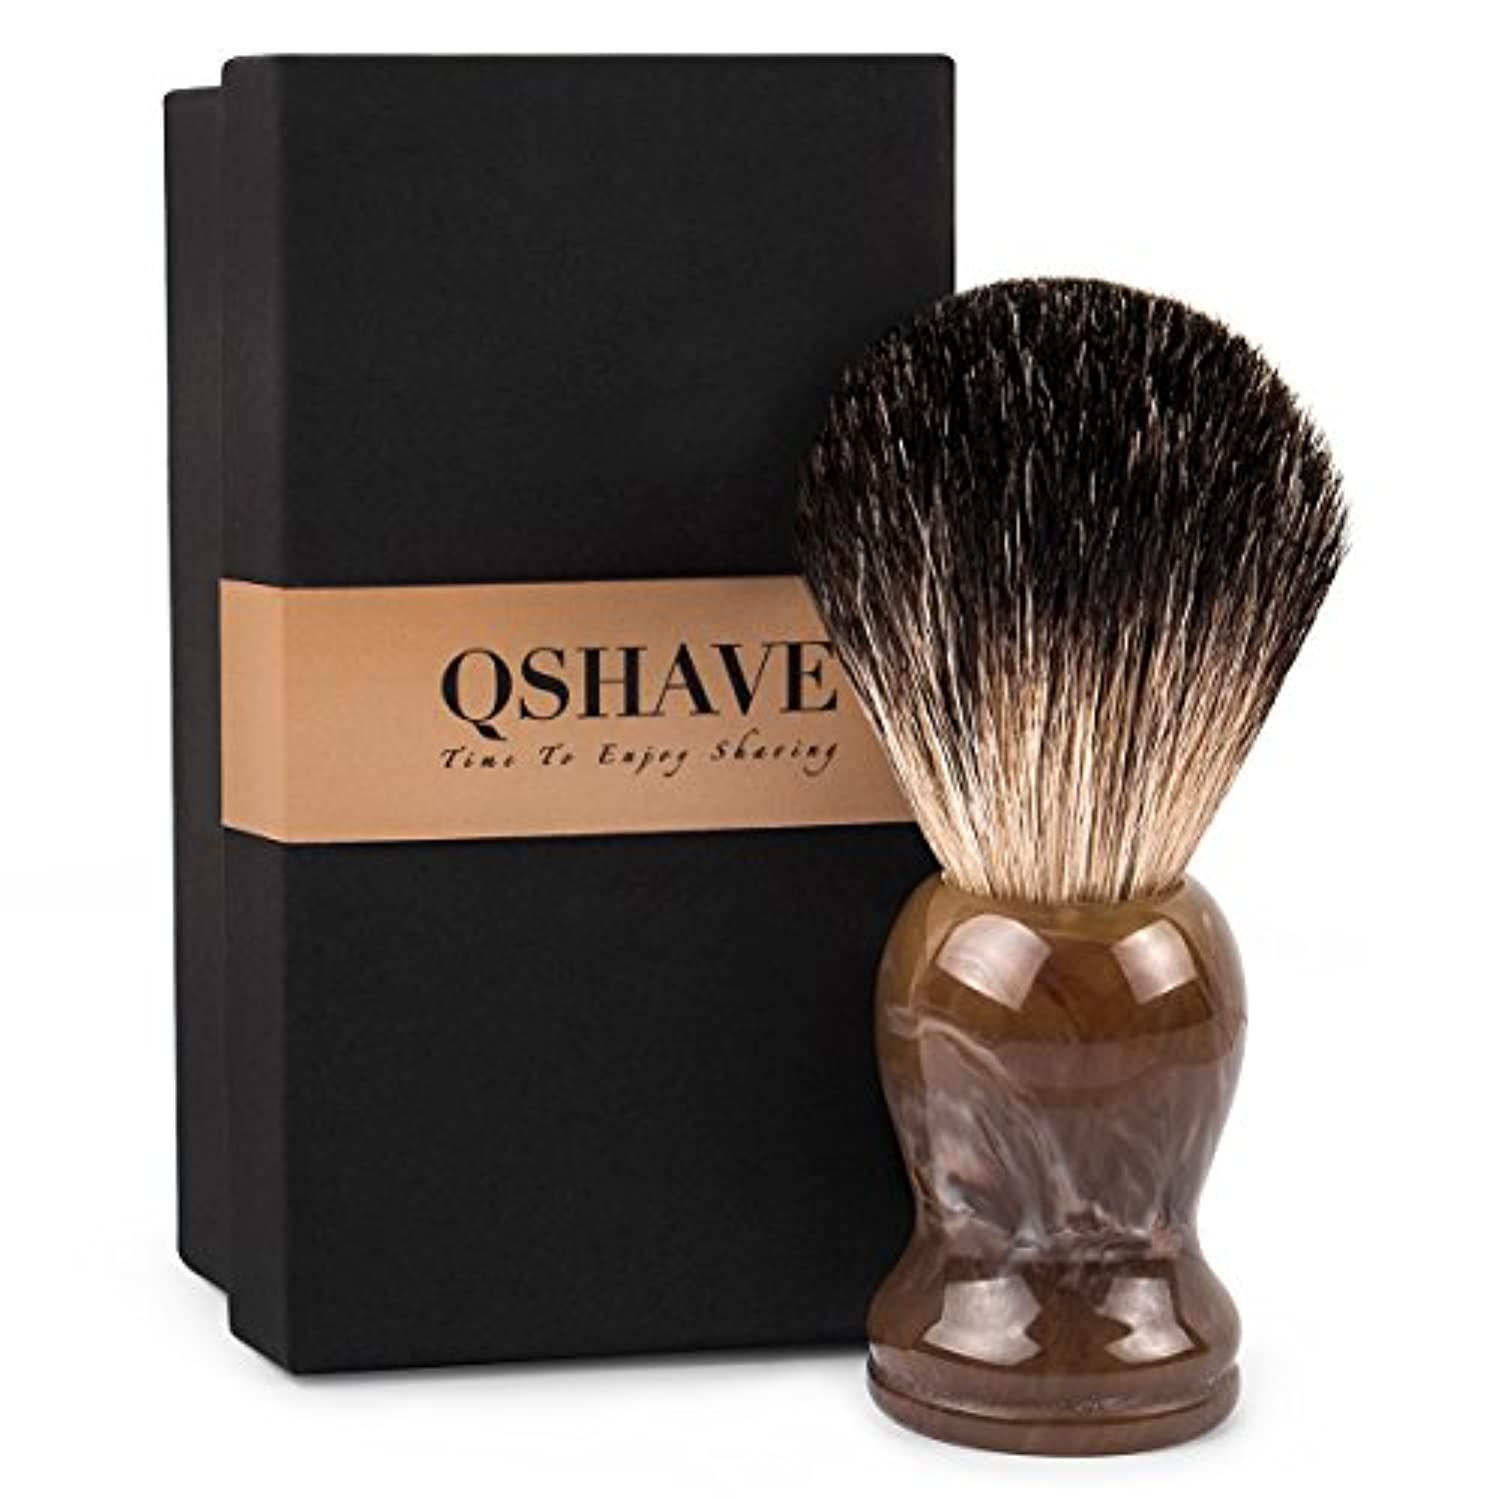 慎重に時々作成者QSHAVE 100%アナグマ毛 オリジナルハンドメイドシェービングブラシ。ウェットシェービング、安全カミソリ、両刃カミソリに最適